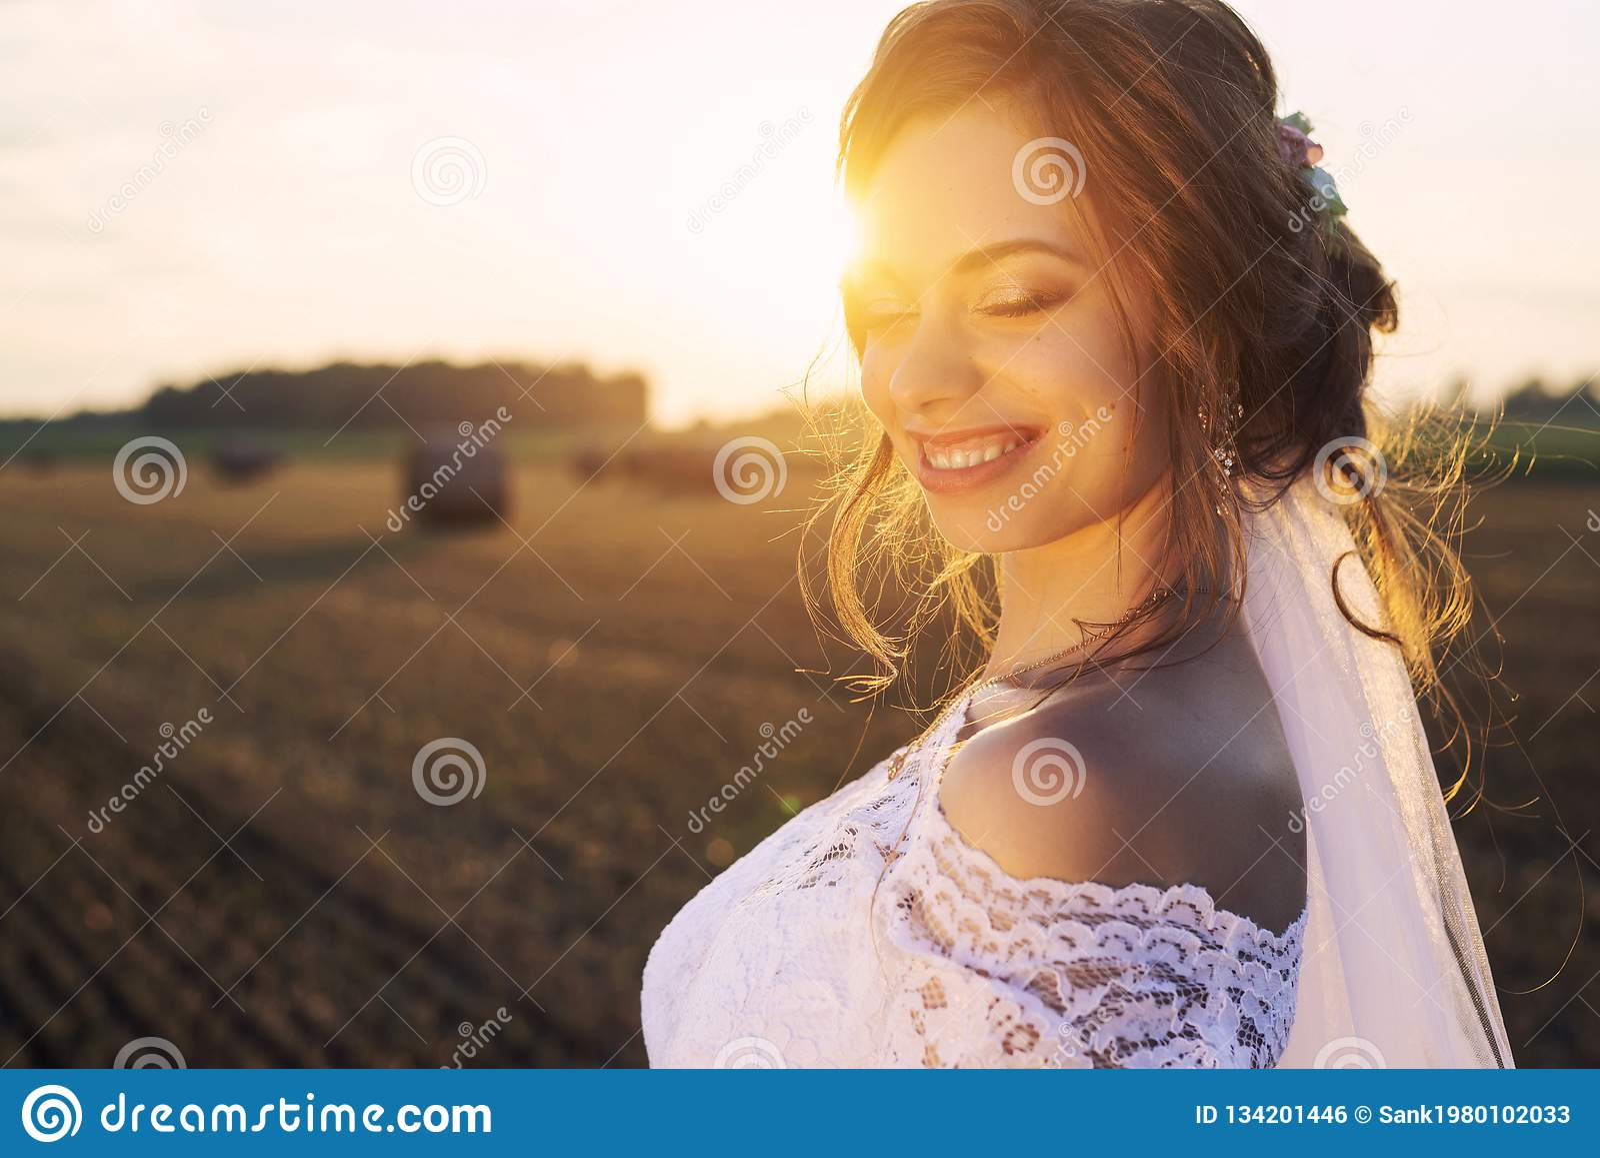 鞋带礼服的美丽的新娘在自然背景微笑着